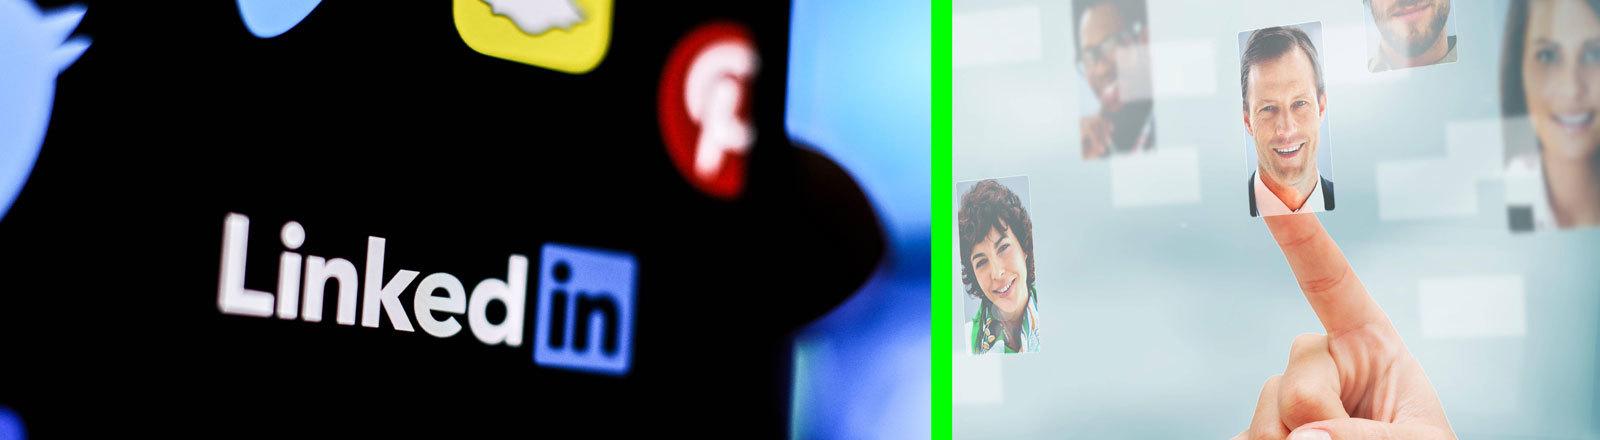 Collage: Das Foto links ist ein Symbolfoto. Es zeigt das Logo des Online-Netzwerkes LinkedIn; rechts sind wie auf einem Bildschirm Profilfotos zu sehen und ein Finger, der sie antippt.